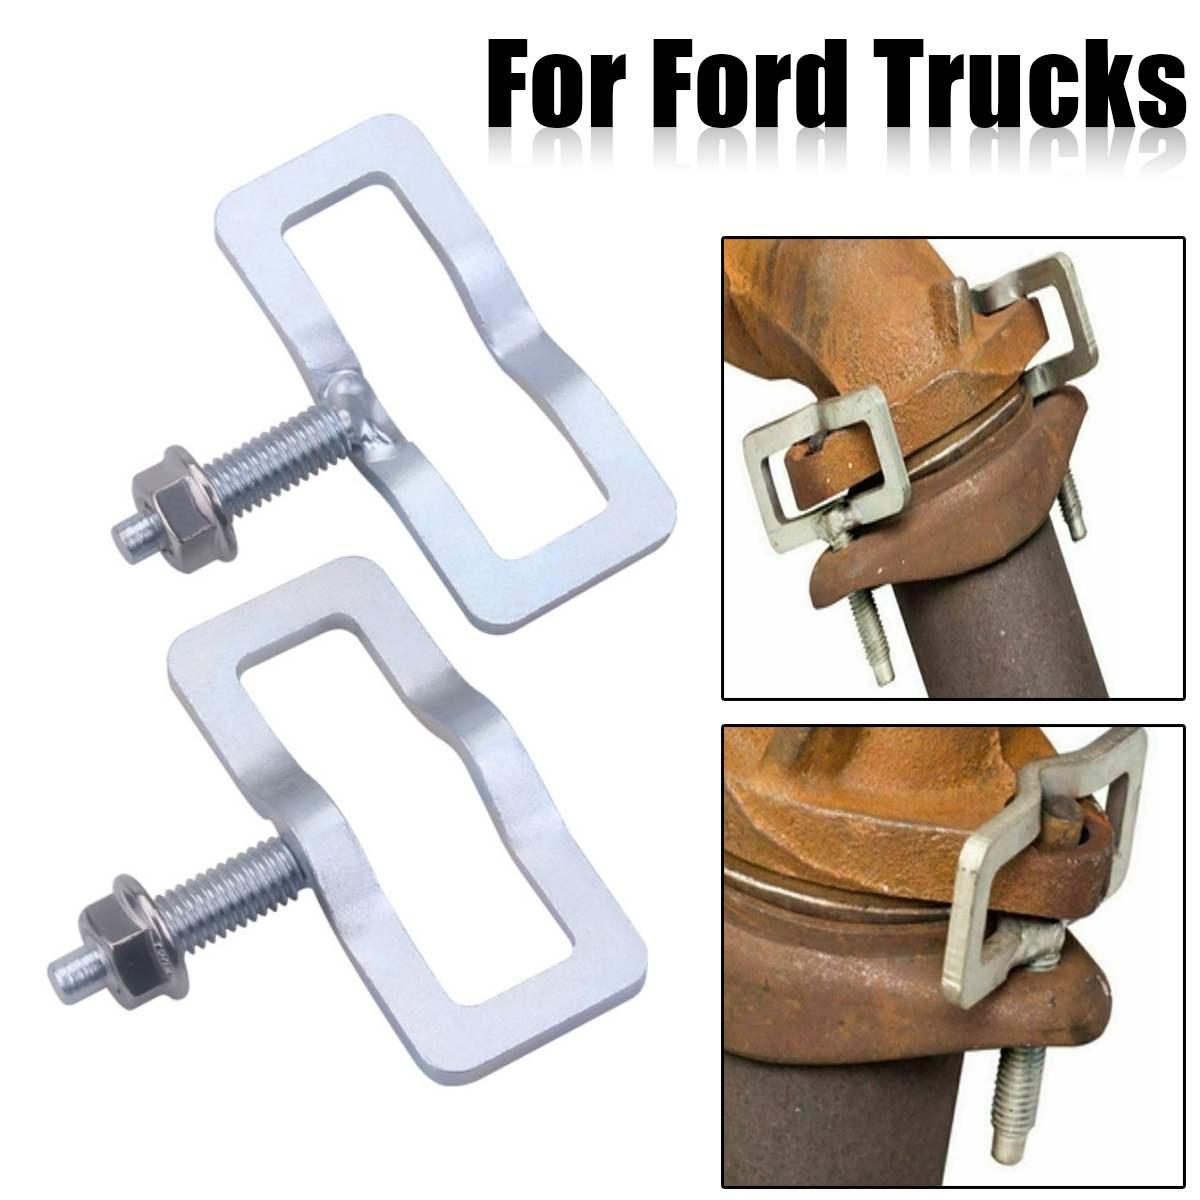 جديد العادم المنوع طقم تصليح ترصيع المشبك ل شاحنة فورد استبدال نظام يشمل 2 المشابك 2 ترصيع